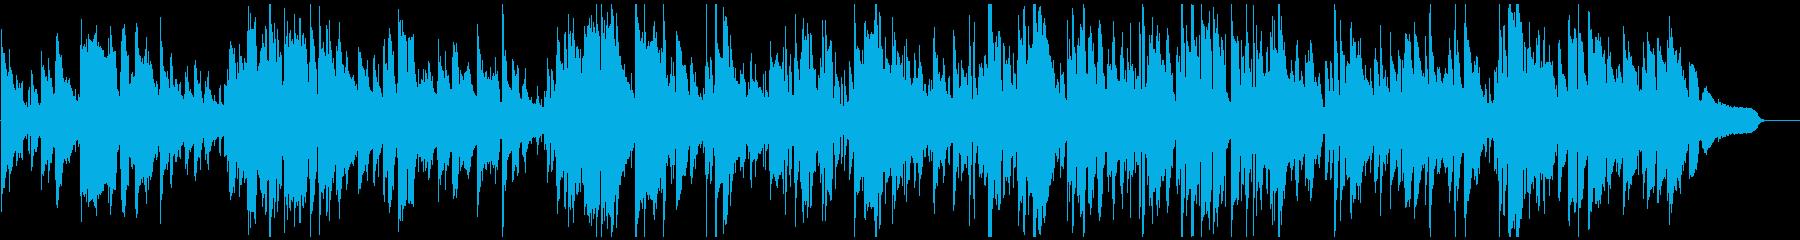 スマートで神秘的なクール系ゆったりジャズの再生済みの波形